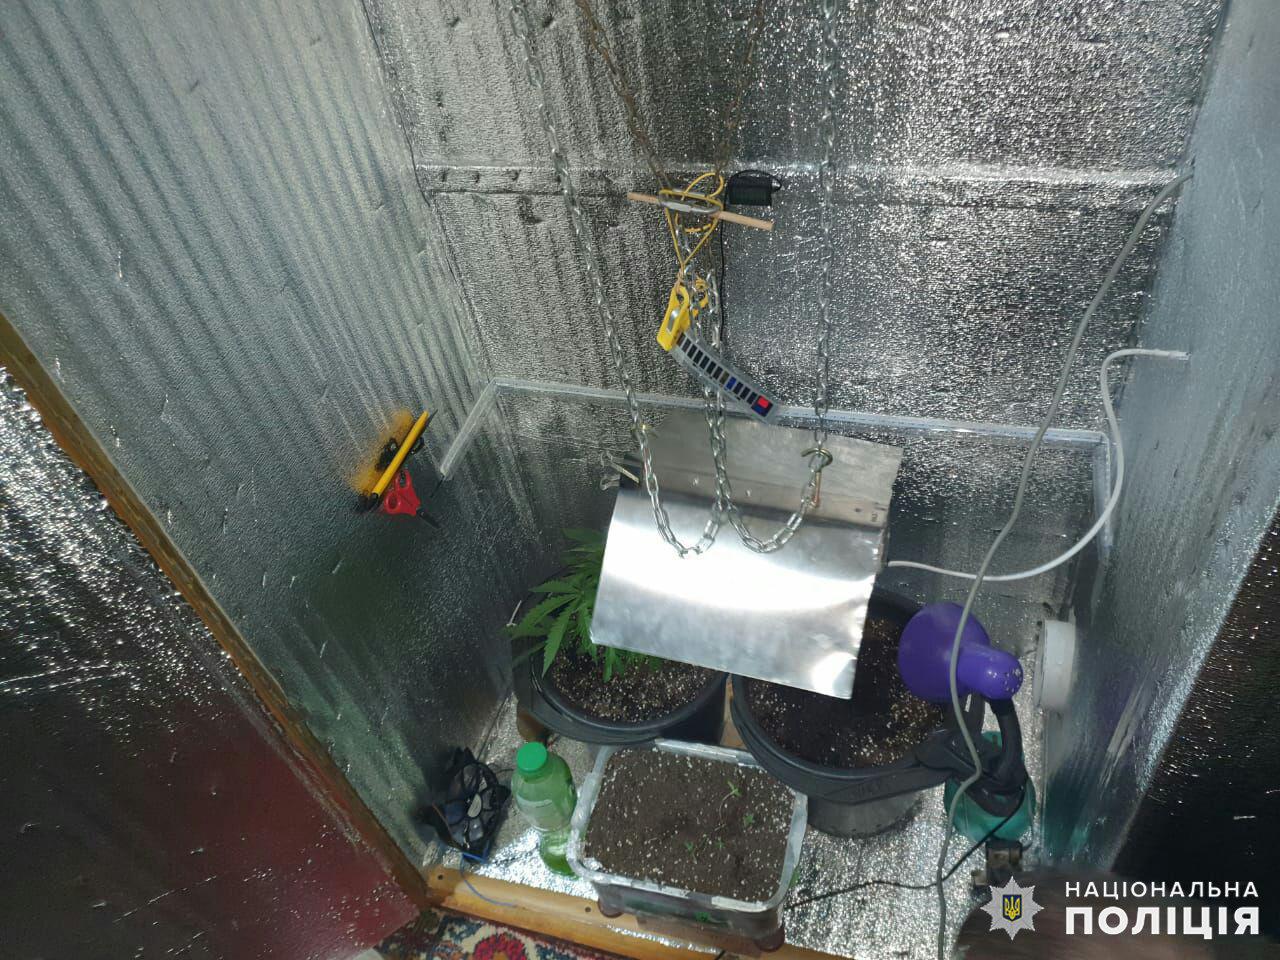 У Дружківці виявили міні-лабораторію з виготовлення наркотиків. Збутчика зілля затримано, фото-2